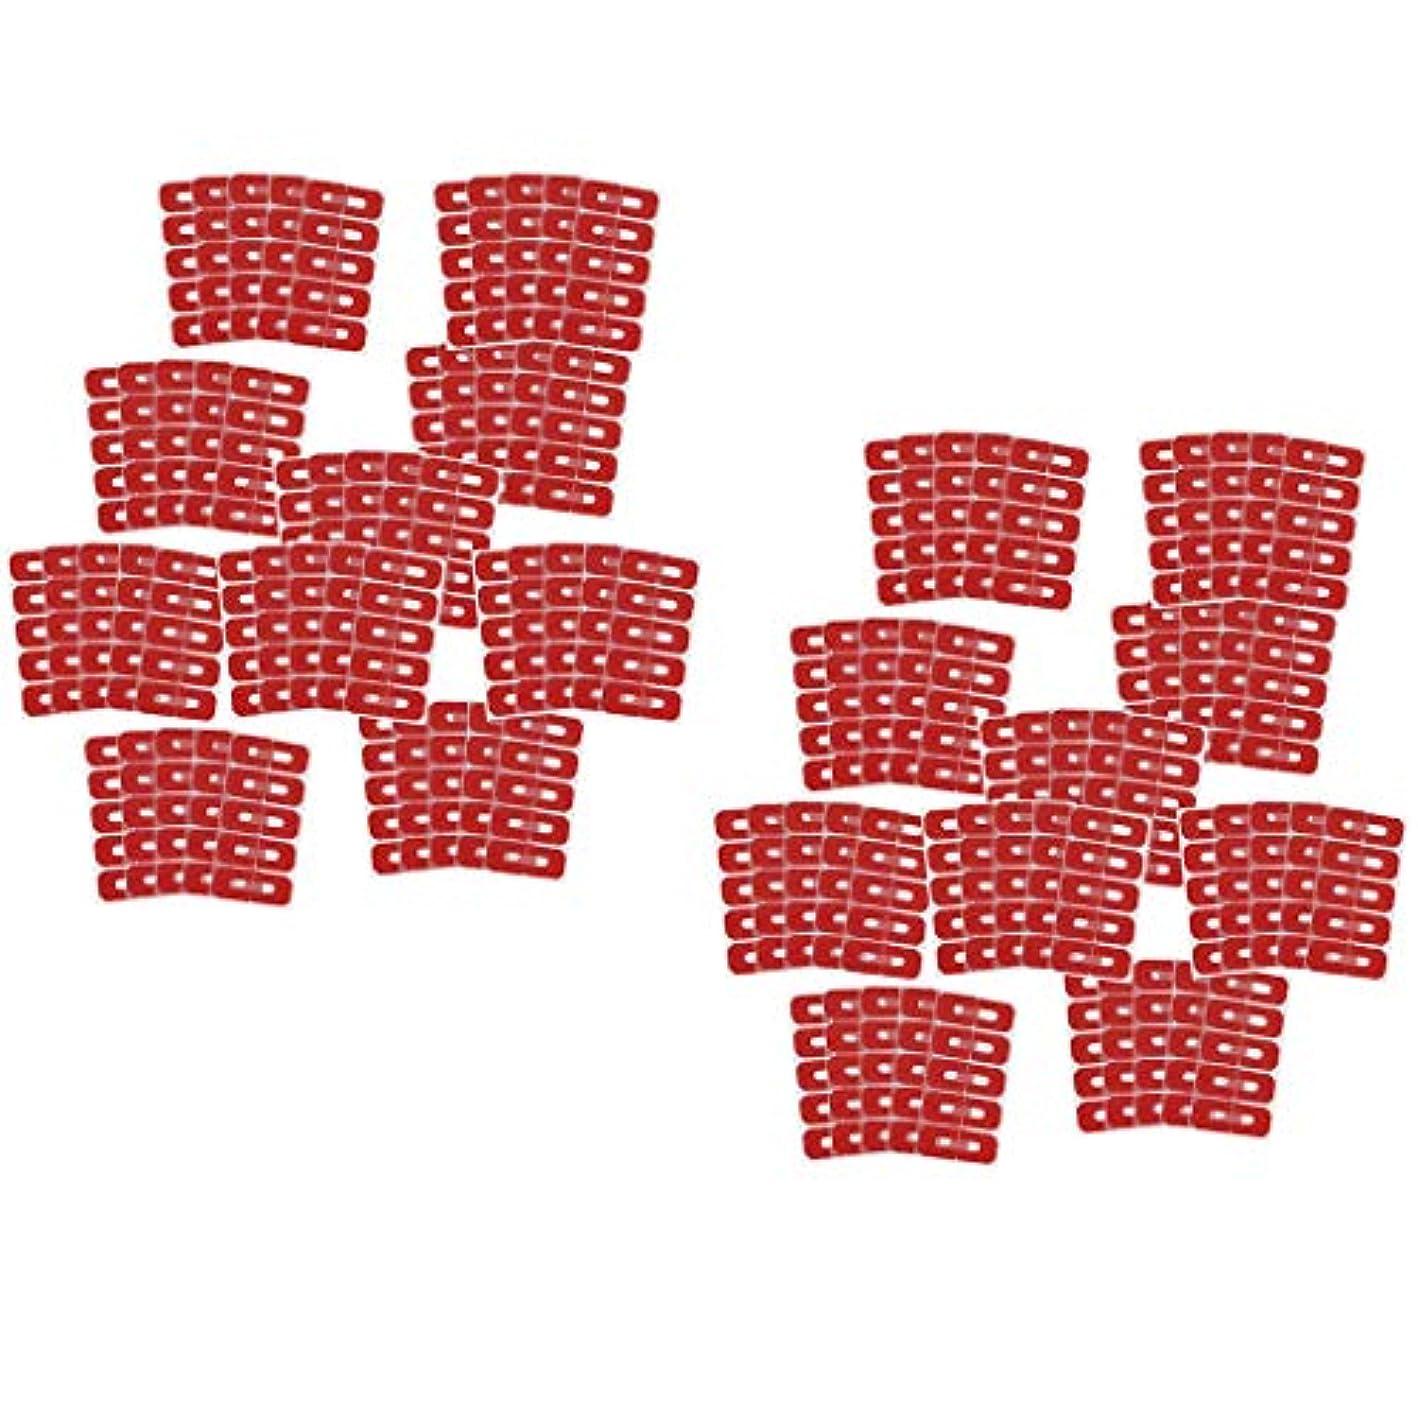 導体異常酸化するT TOOYFUL ネイルサロン こぼれ防止 ネイルプロテクター カバー 使い捨て ネイルポリッシュ ネイルアート